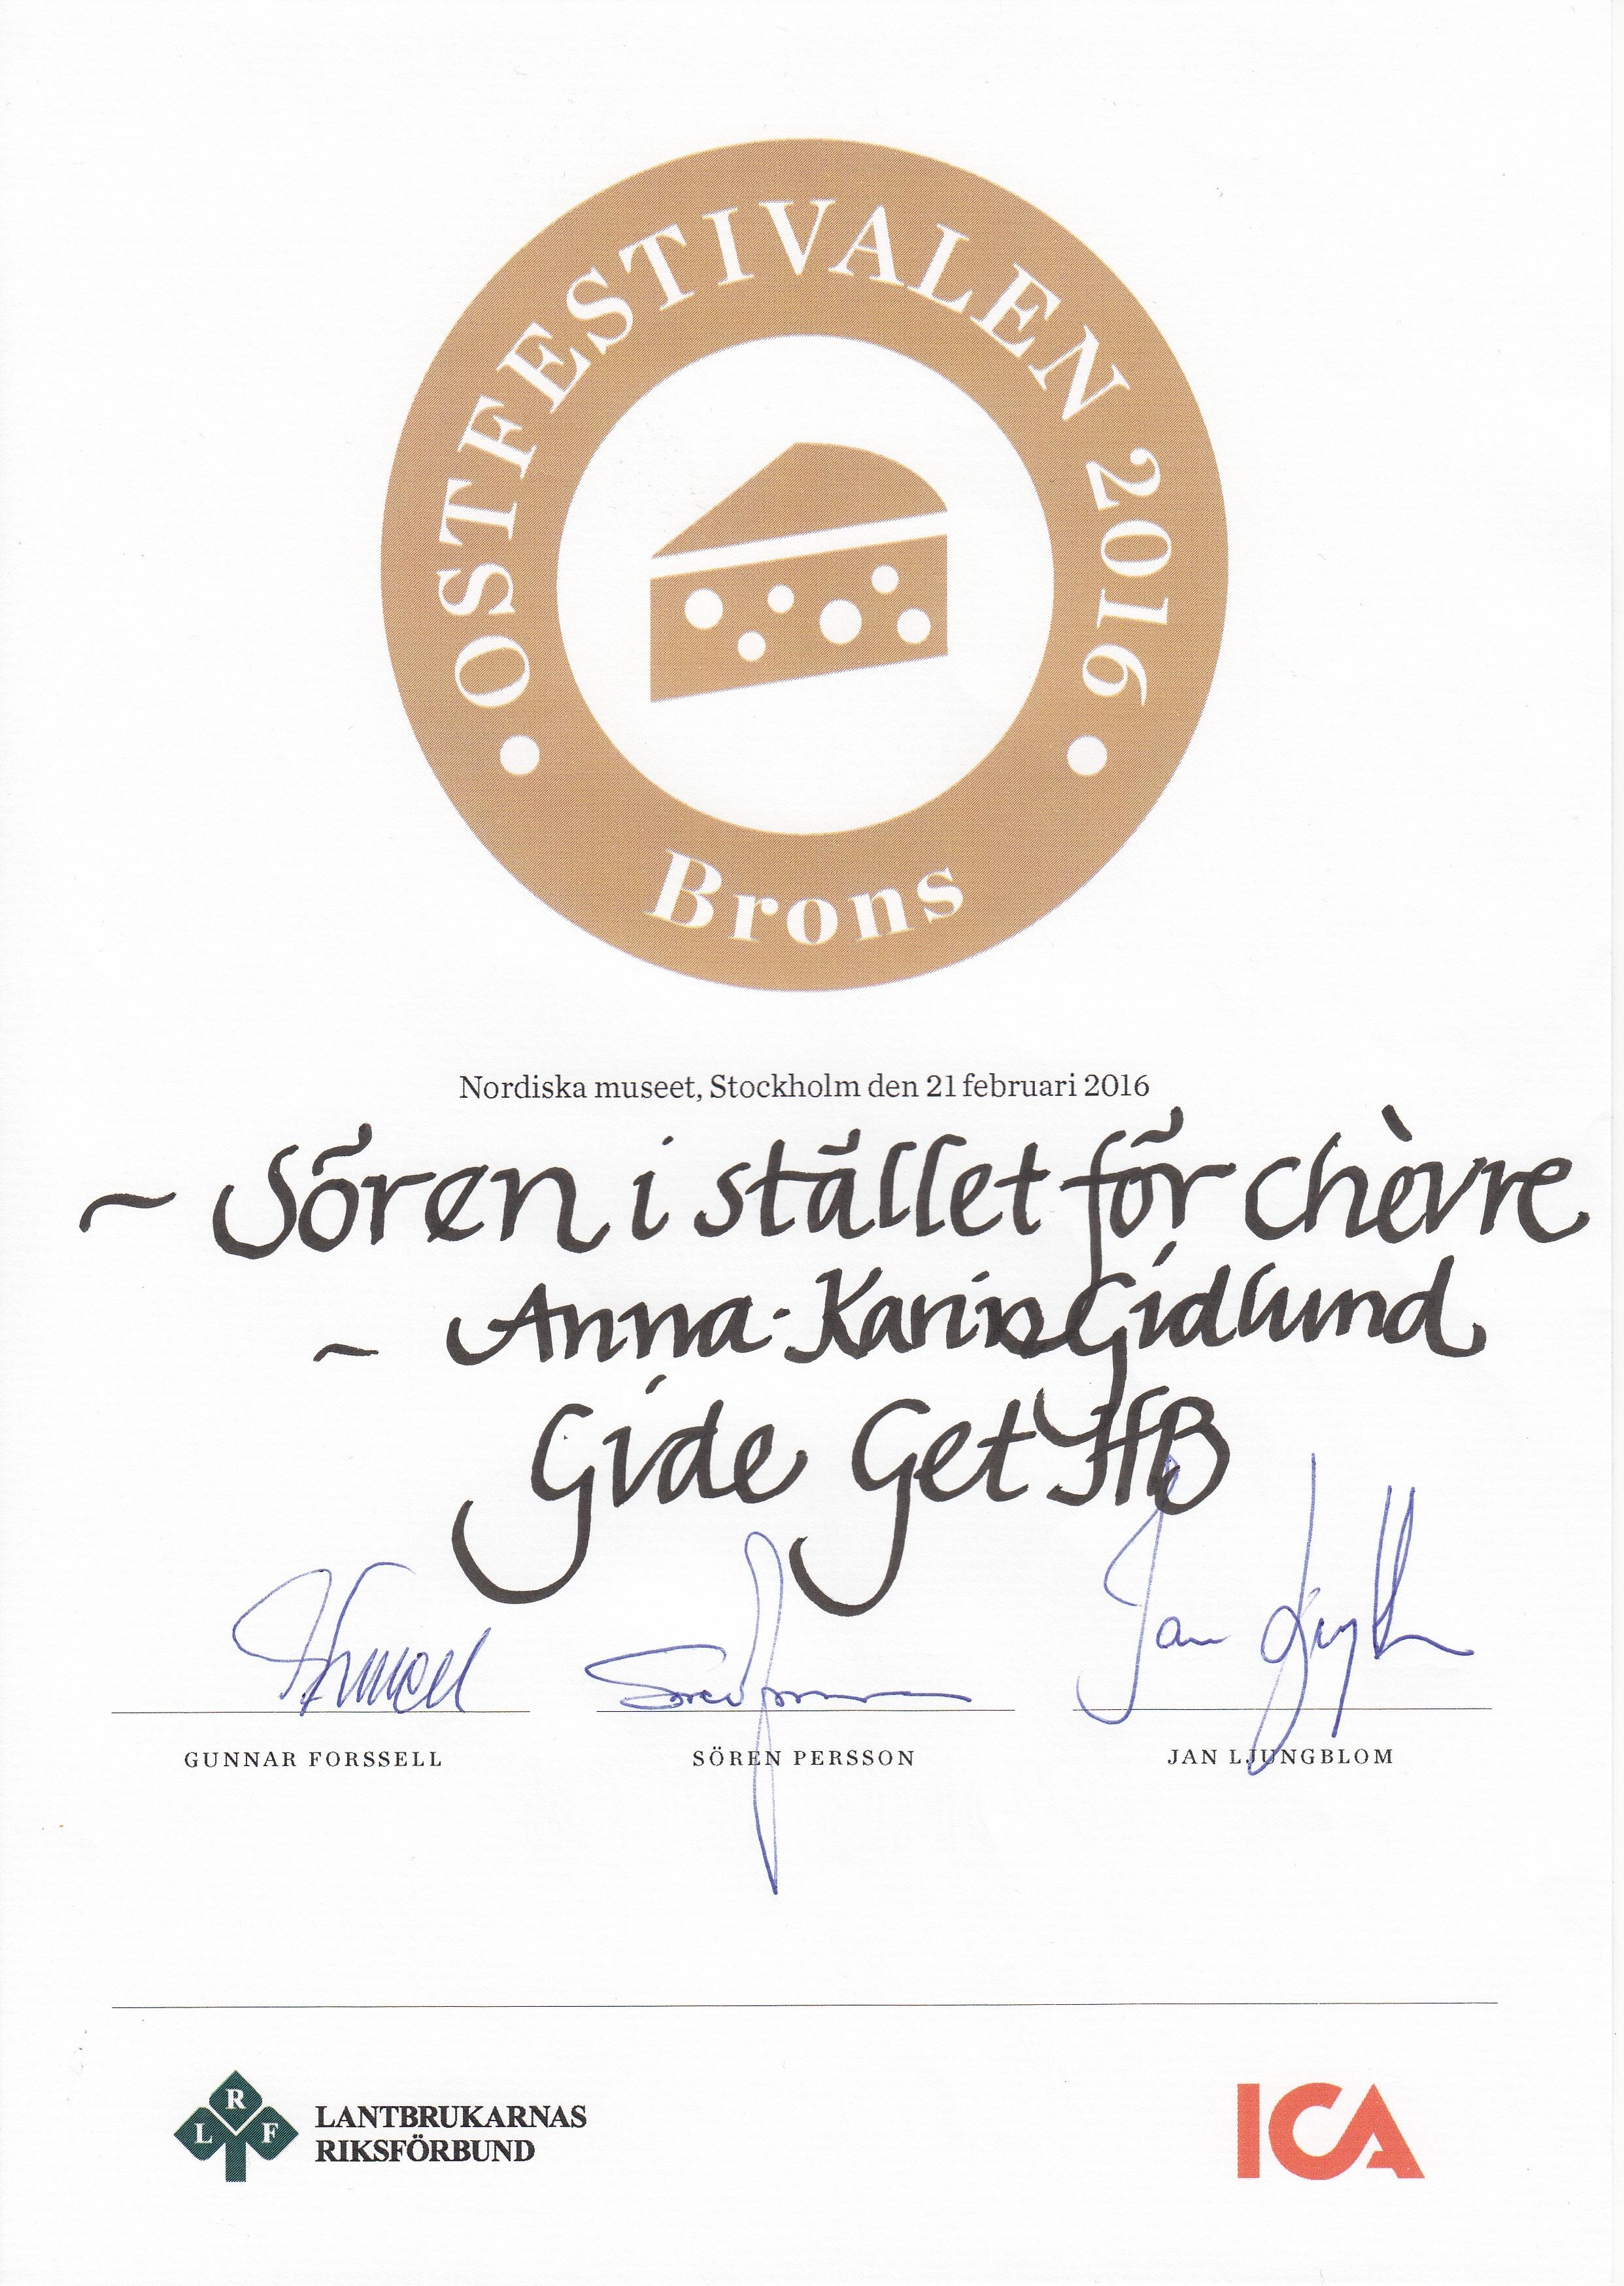 Brons på ostfestivalen 2016 för Sören istället för Chèvre